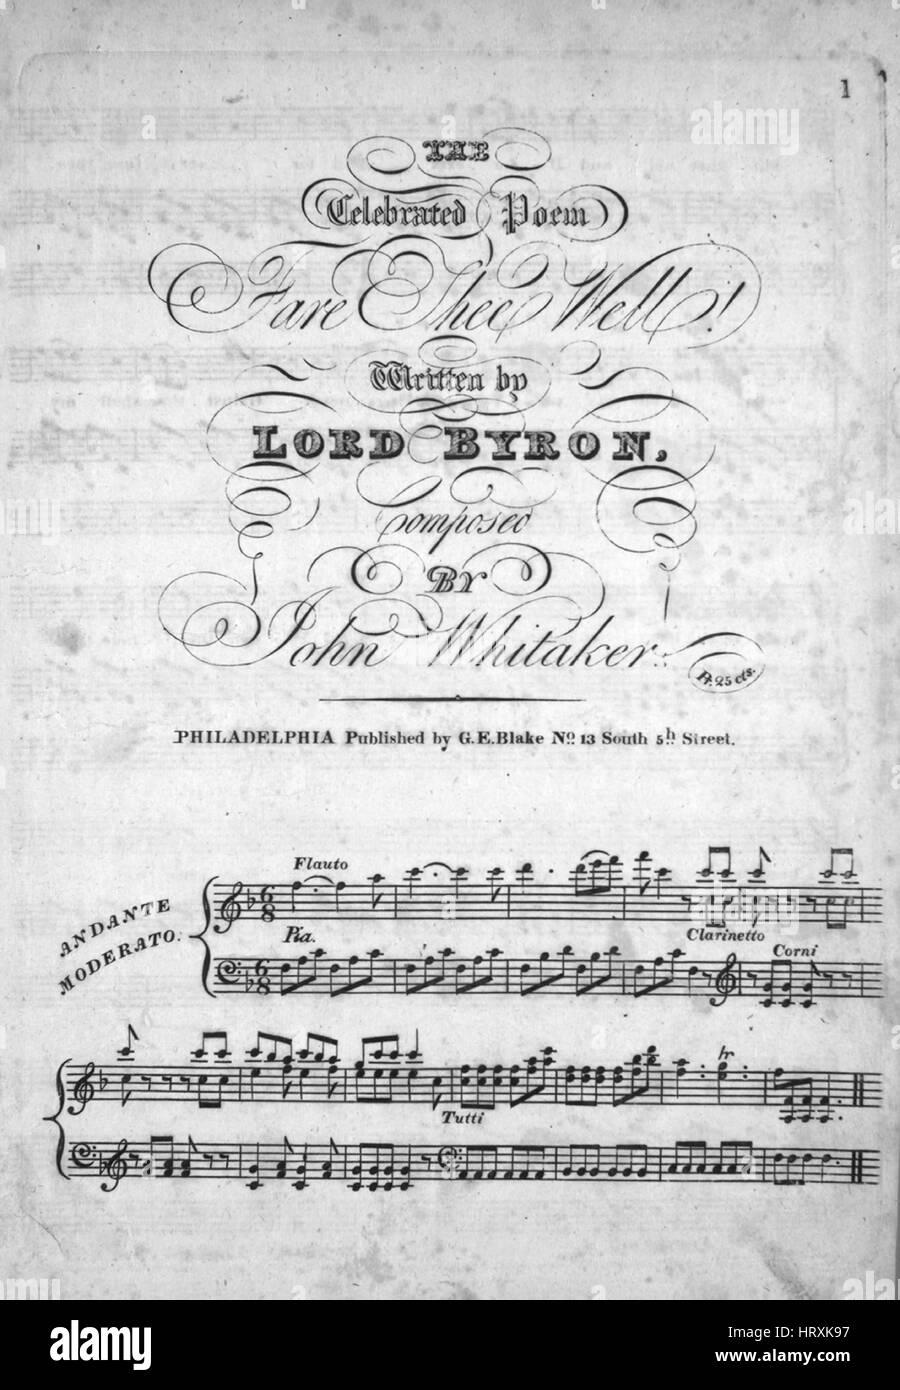 Sheet Music Image De Couverture De La Chanson Le Célèbre